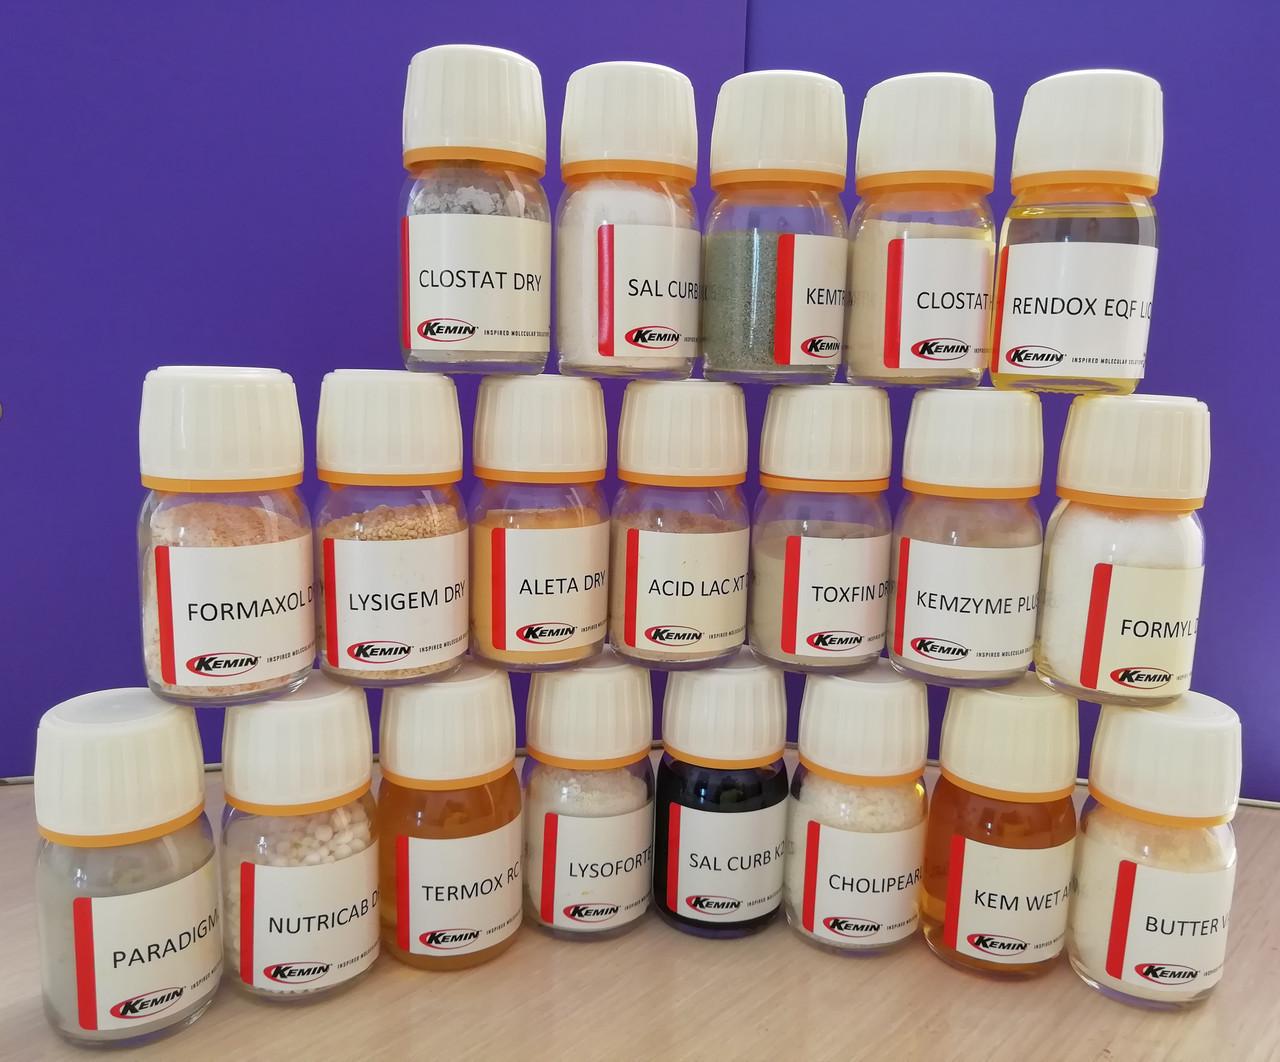 САЛ КАРБ К2 (жидкий) - для снижения патогенной микрофлоры в воде, сырье